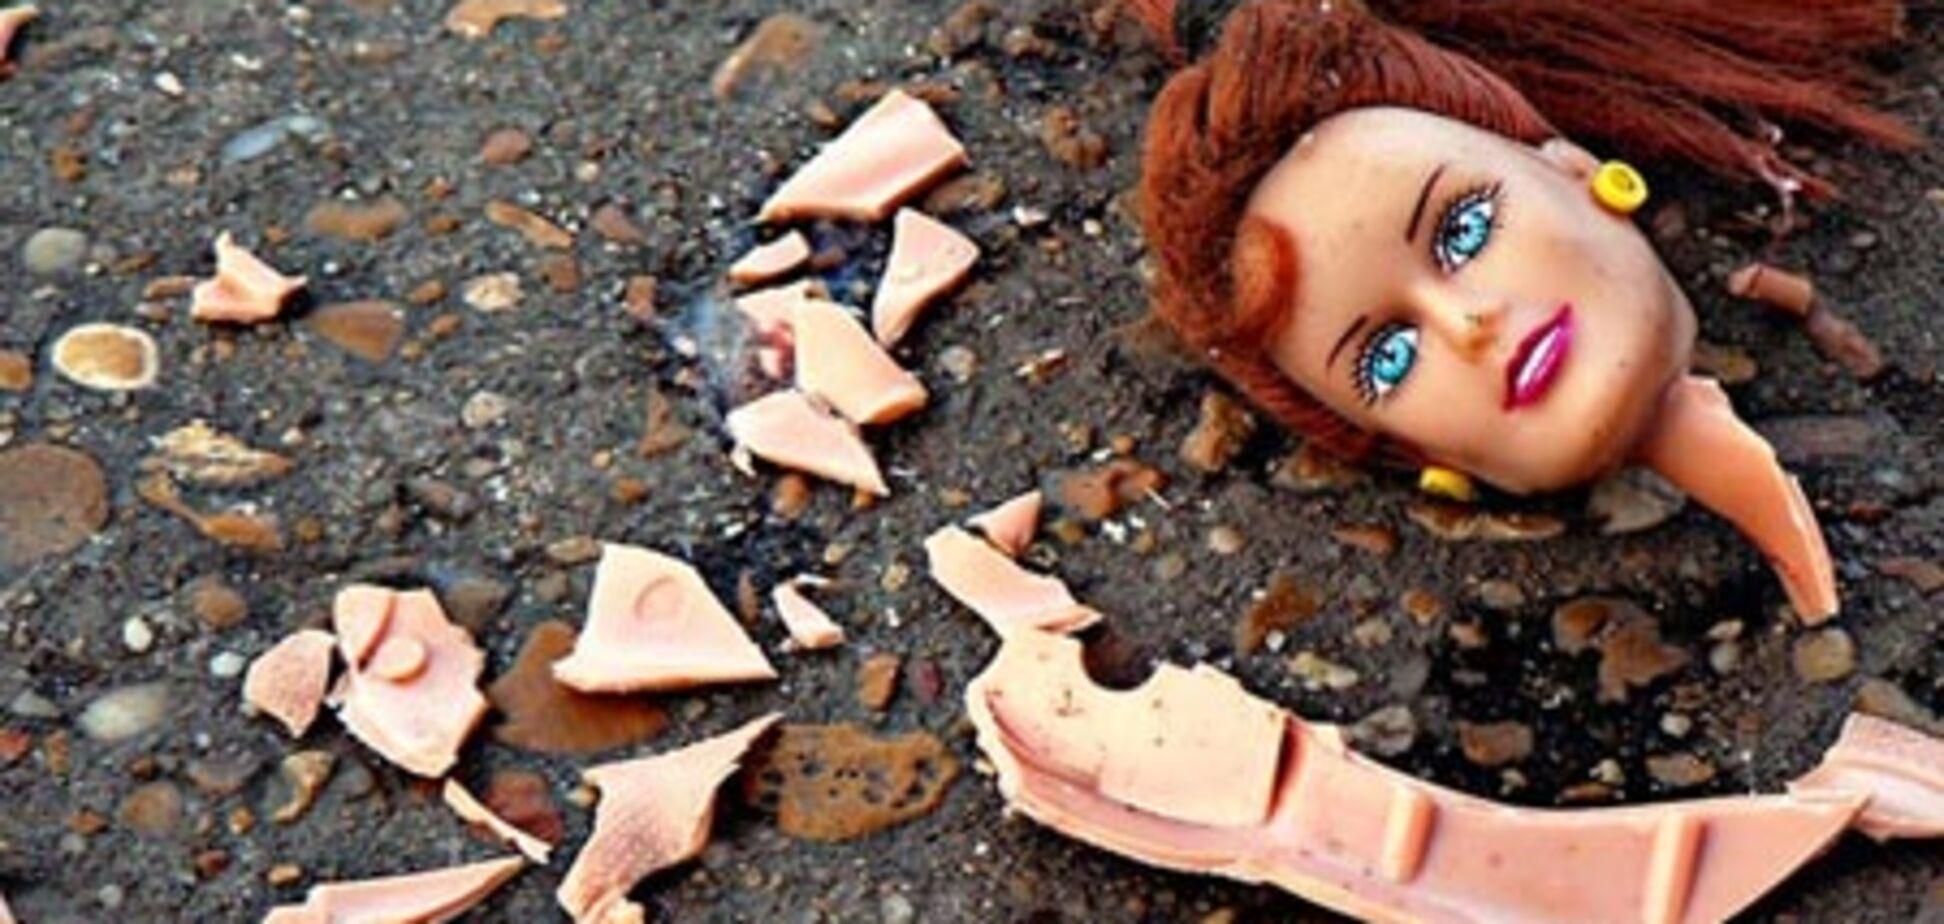 Опасные игрушки: как не стать жертвой производителей